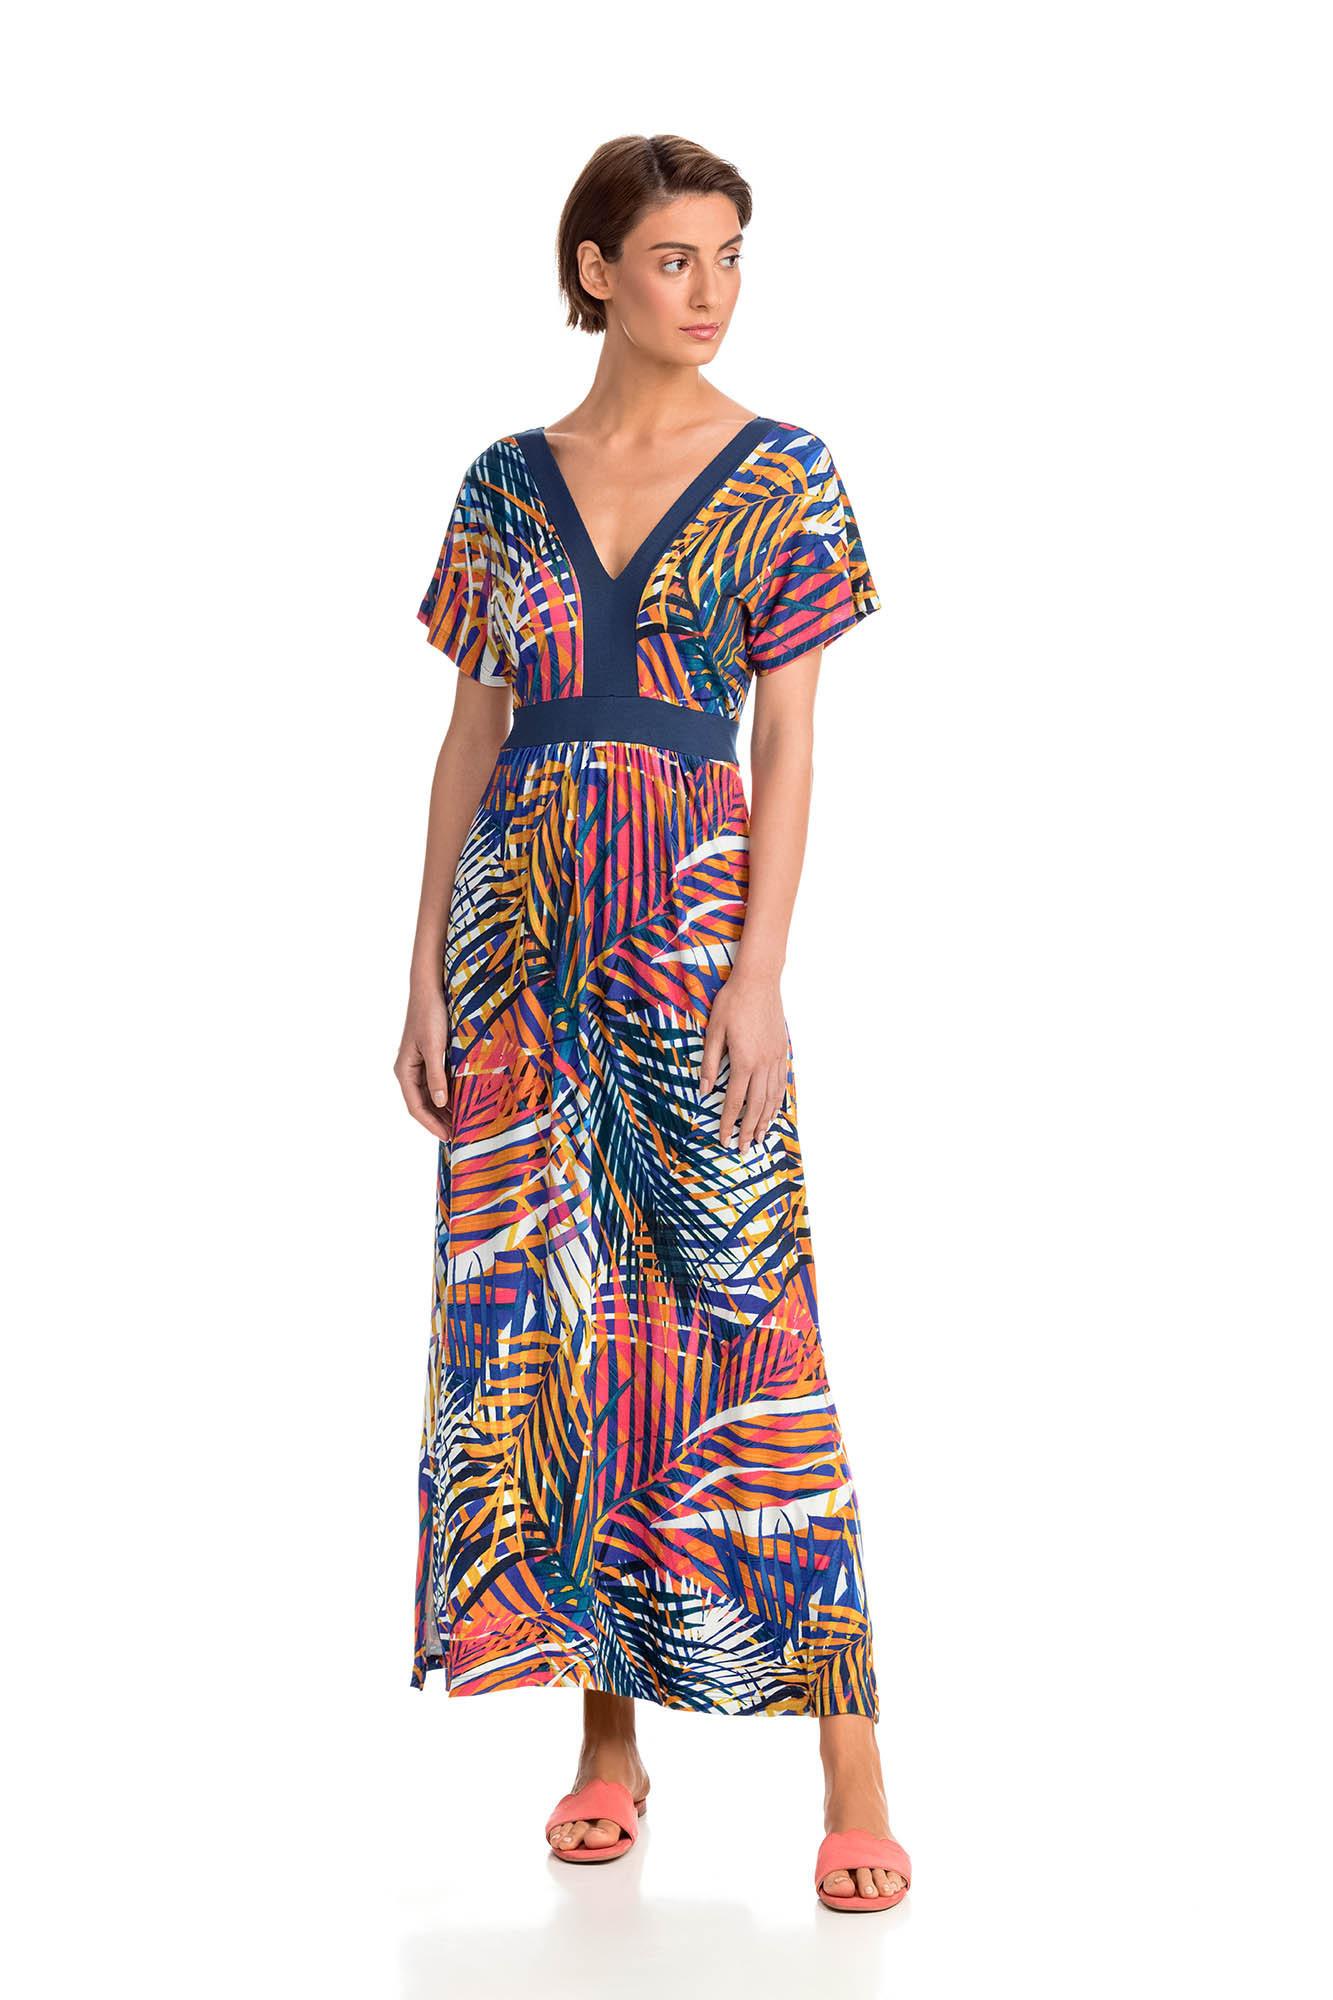 Vamp - Elegantní dámské dlouhé šaty BLUE MARINE L 14491 - Vamp